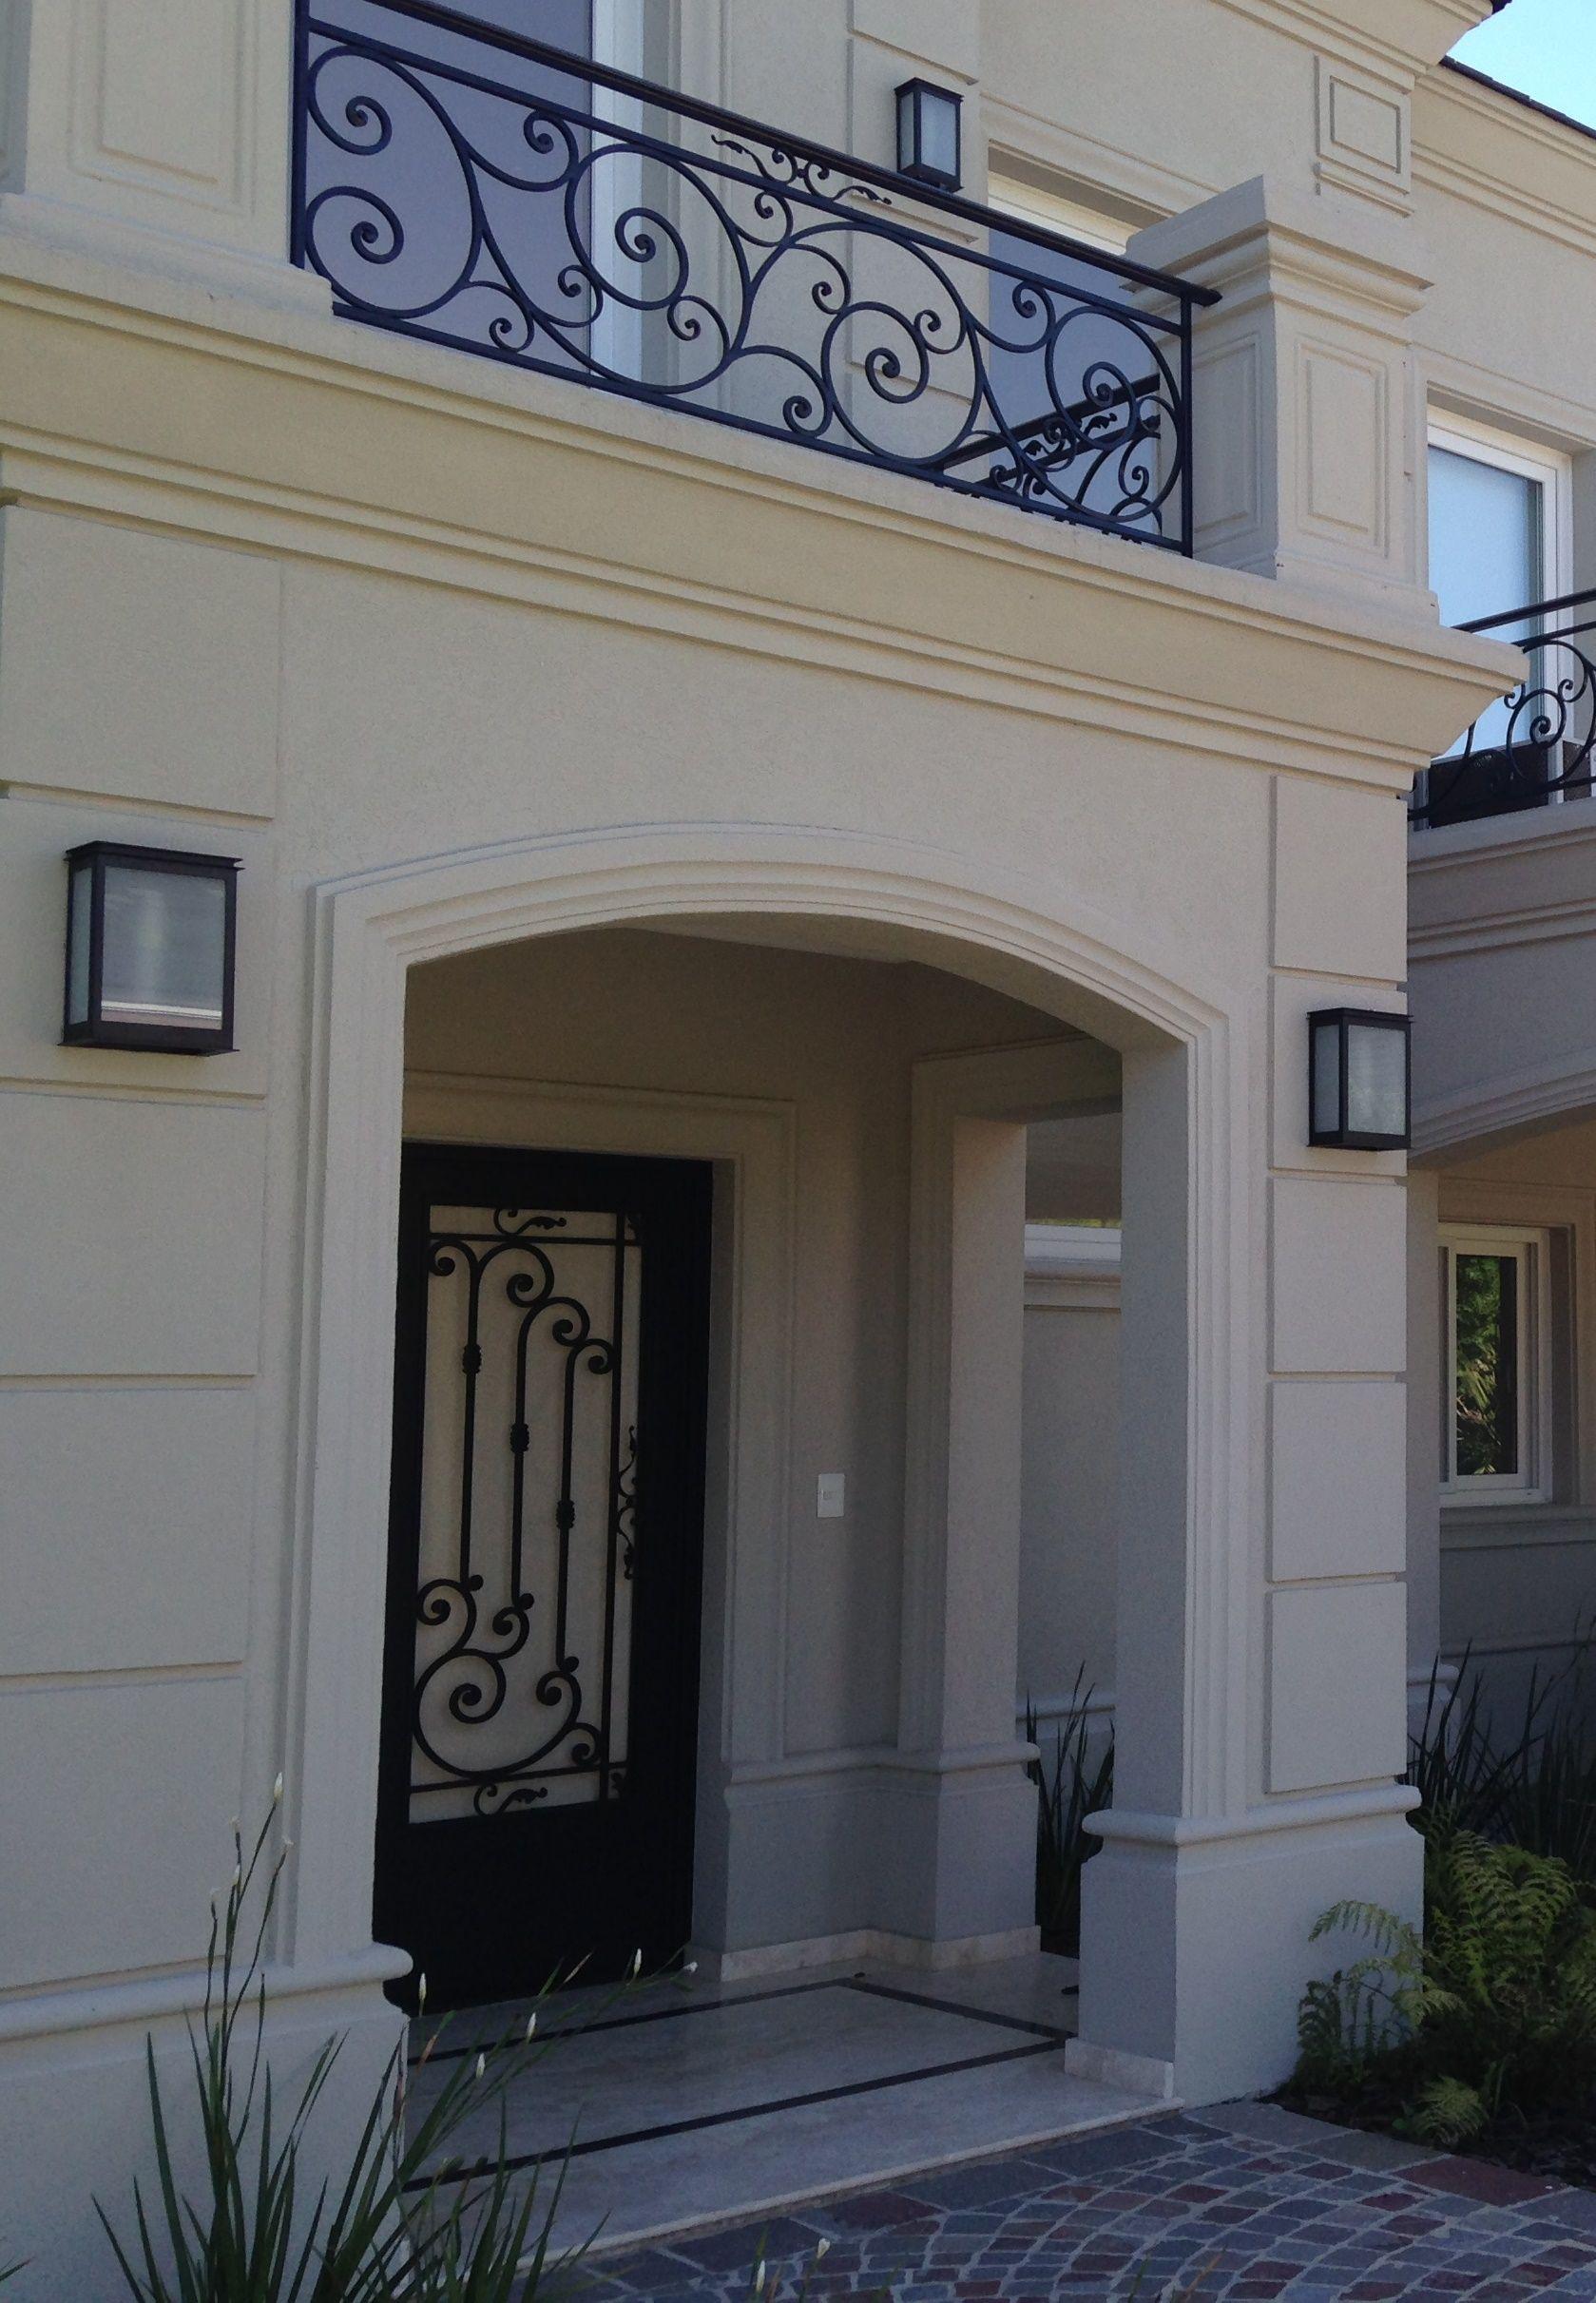 Puerta y baranda de delhierrodesign pinteres for Ladrillos decorativos para exteriores